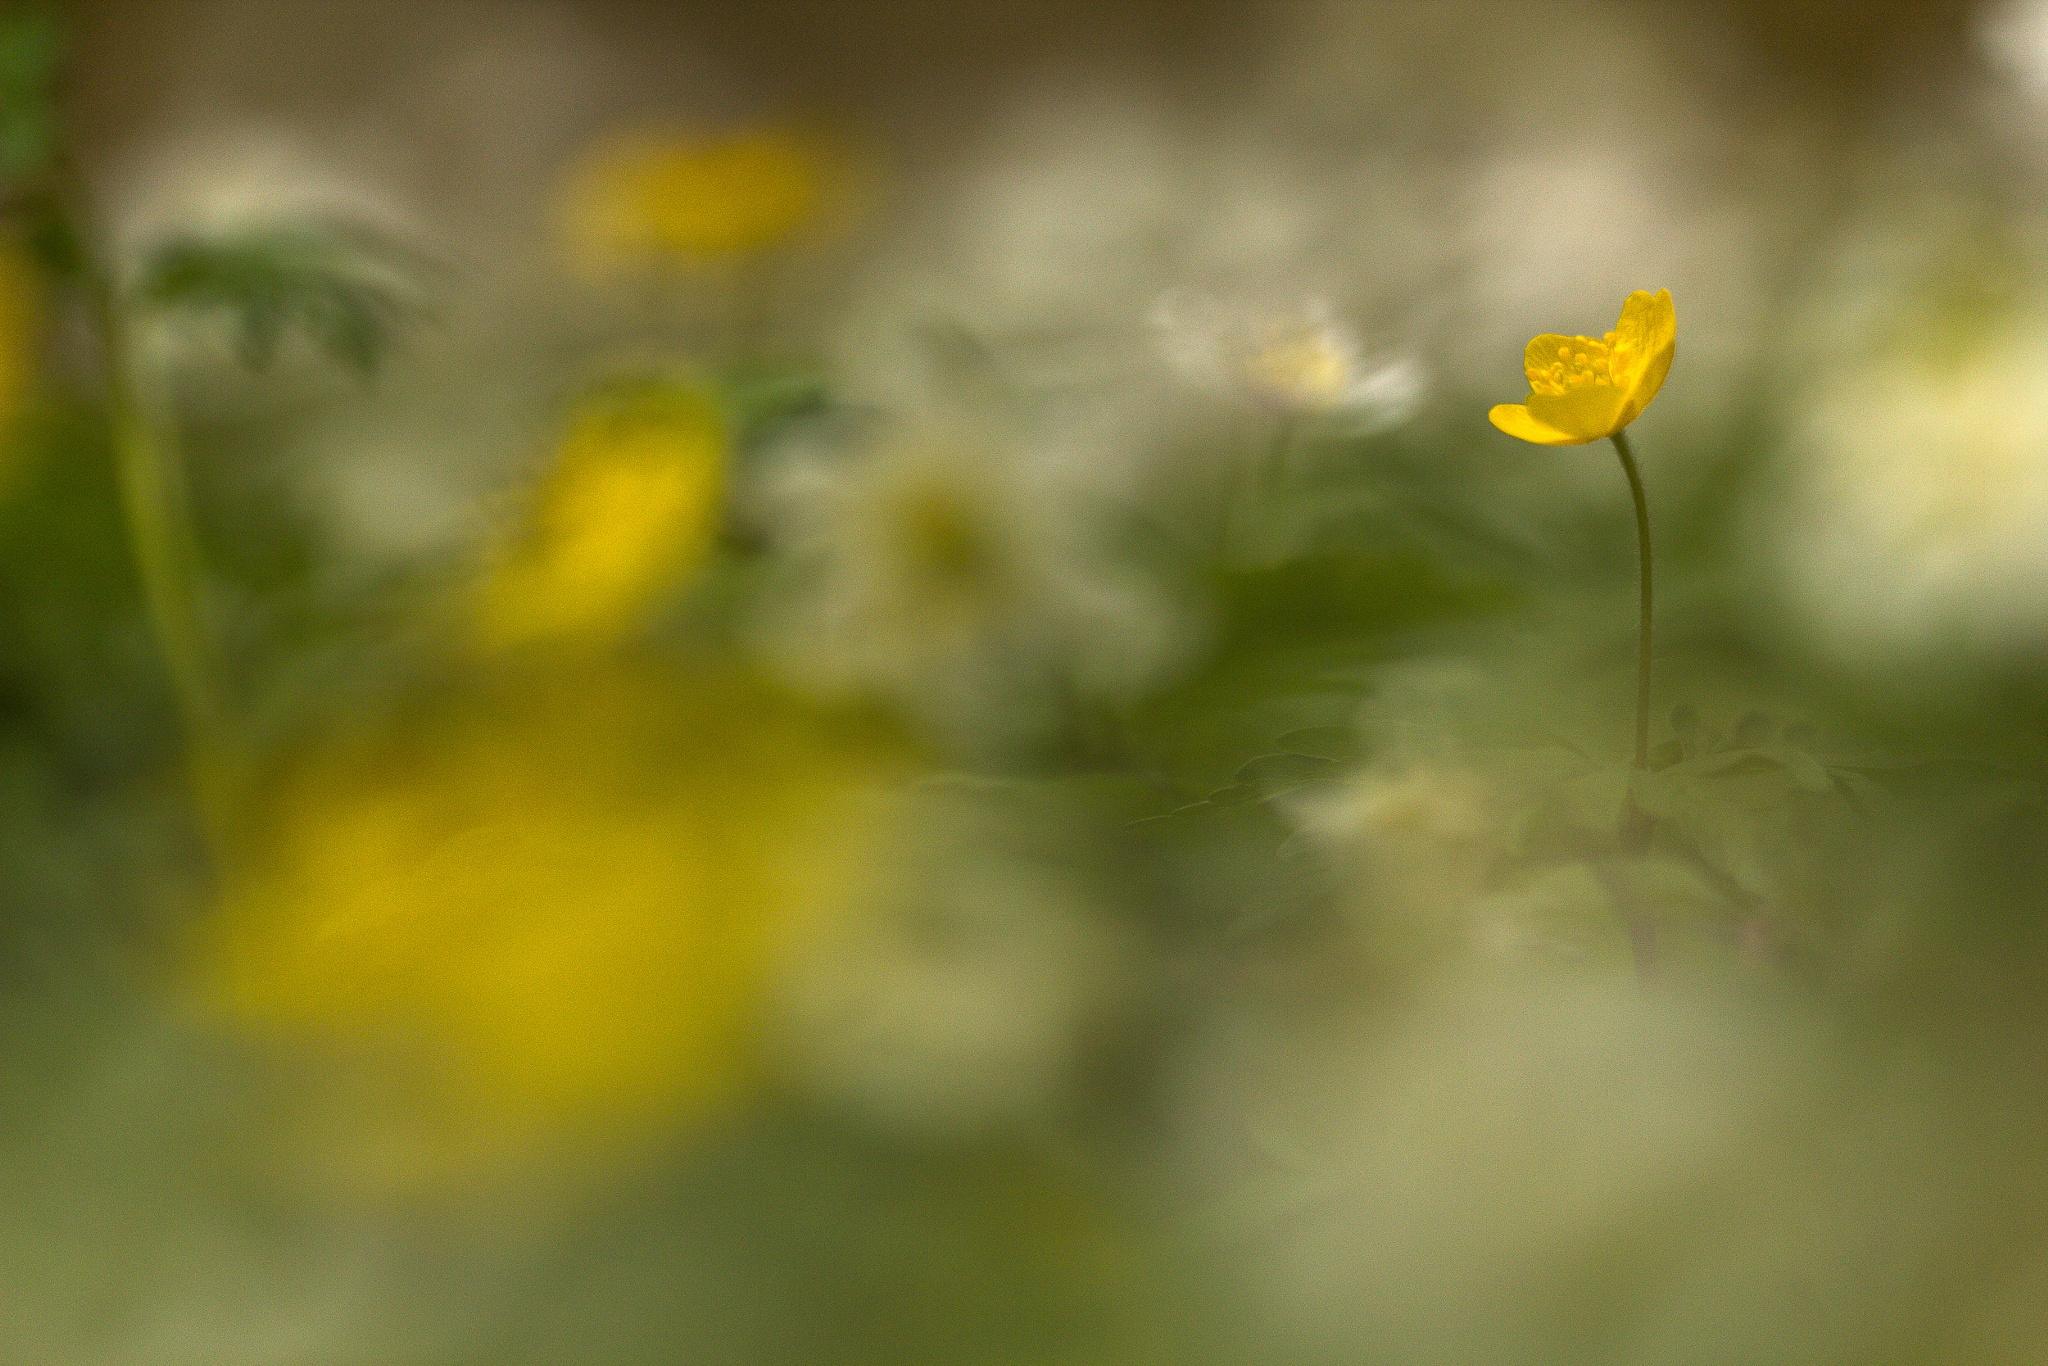 Field of flowers by Håkan Liljenberg